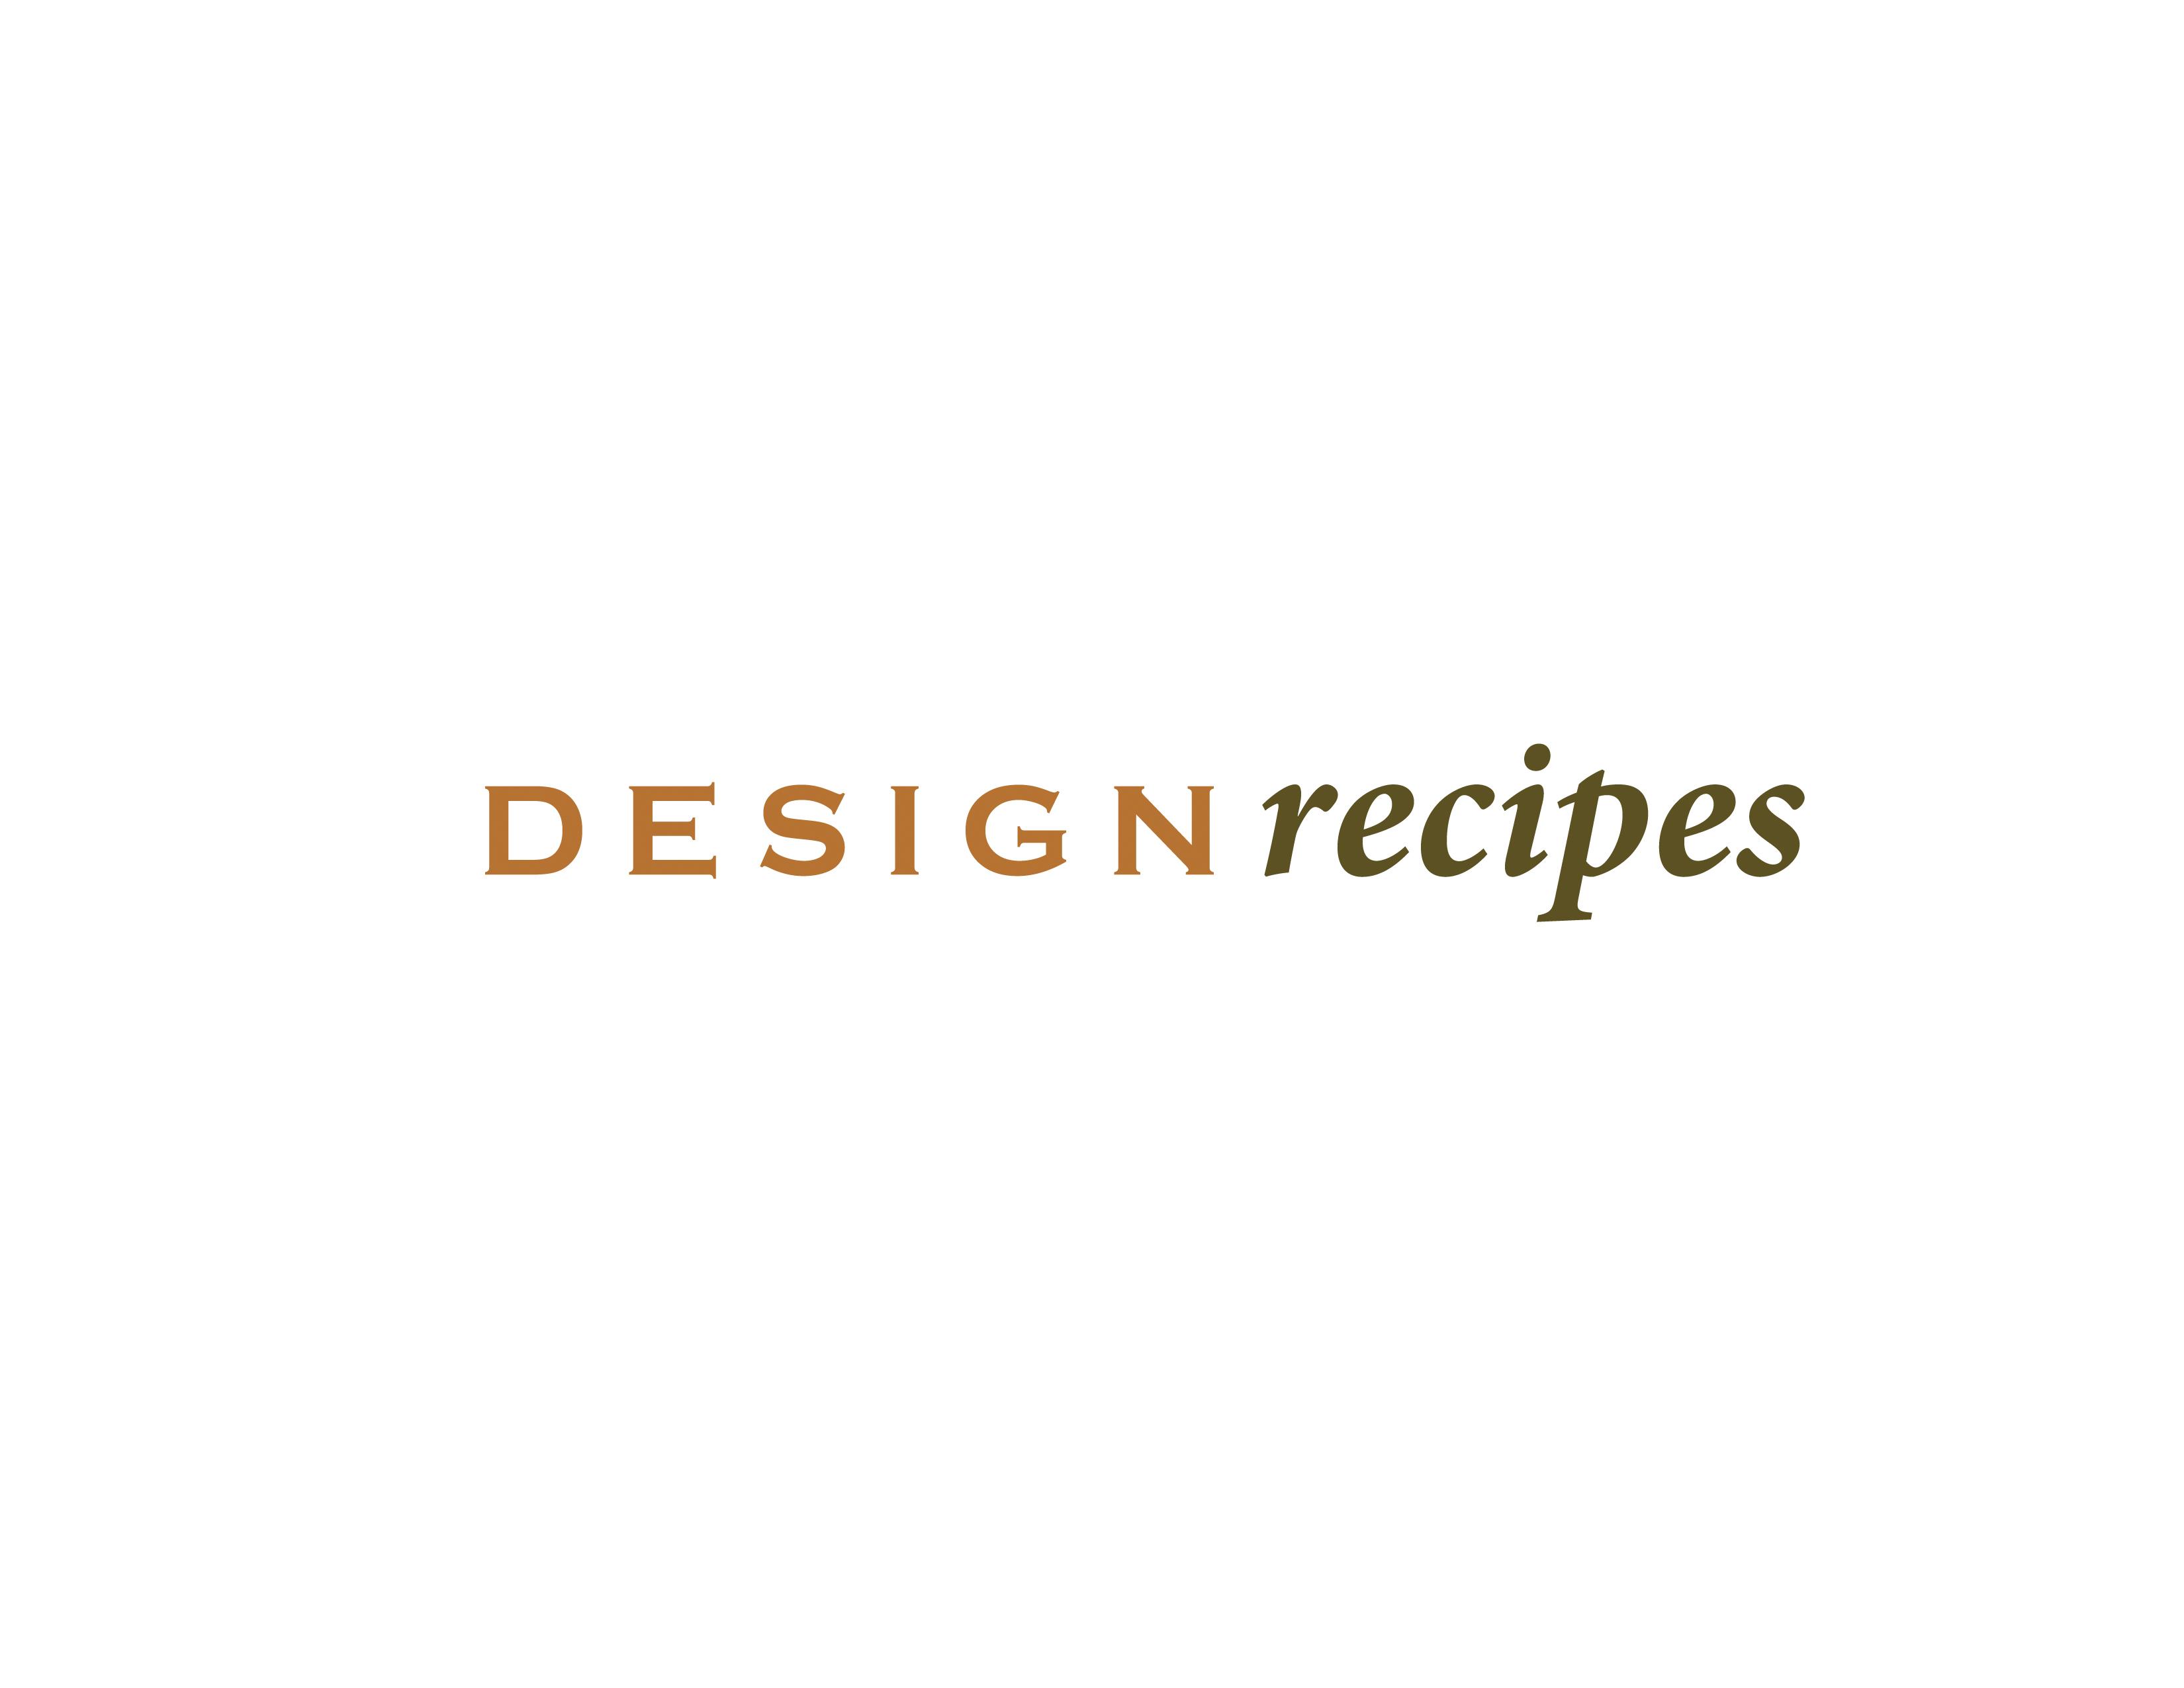 design-recipes-logo